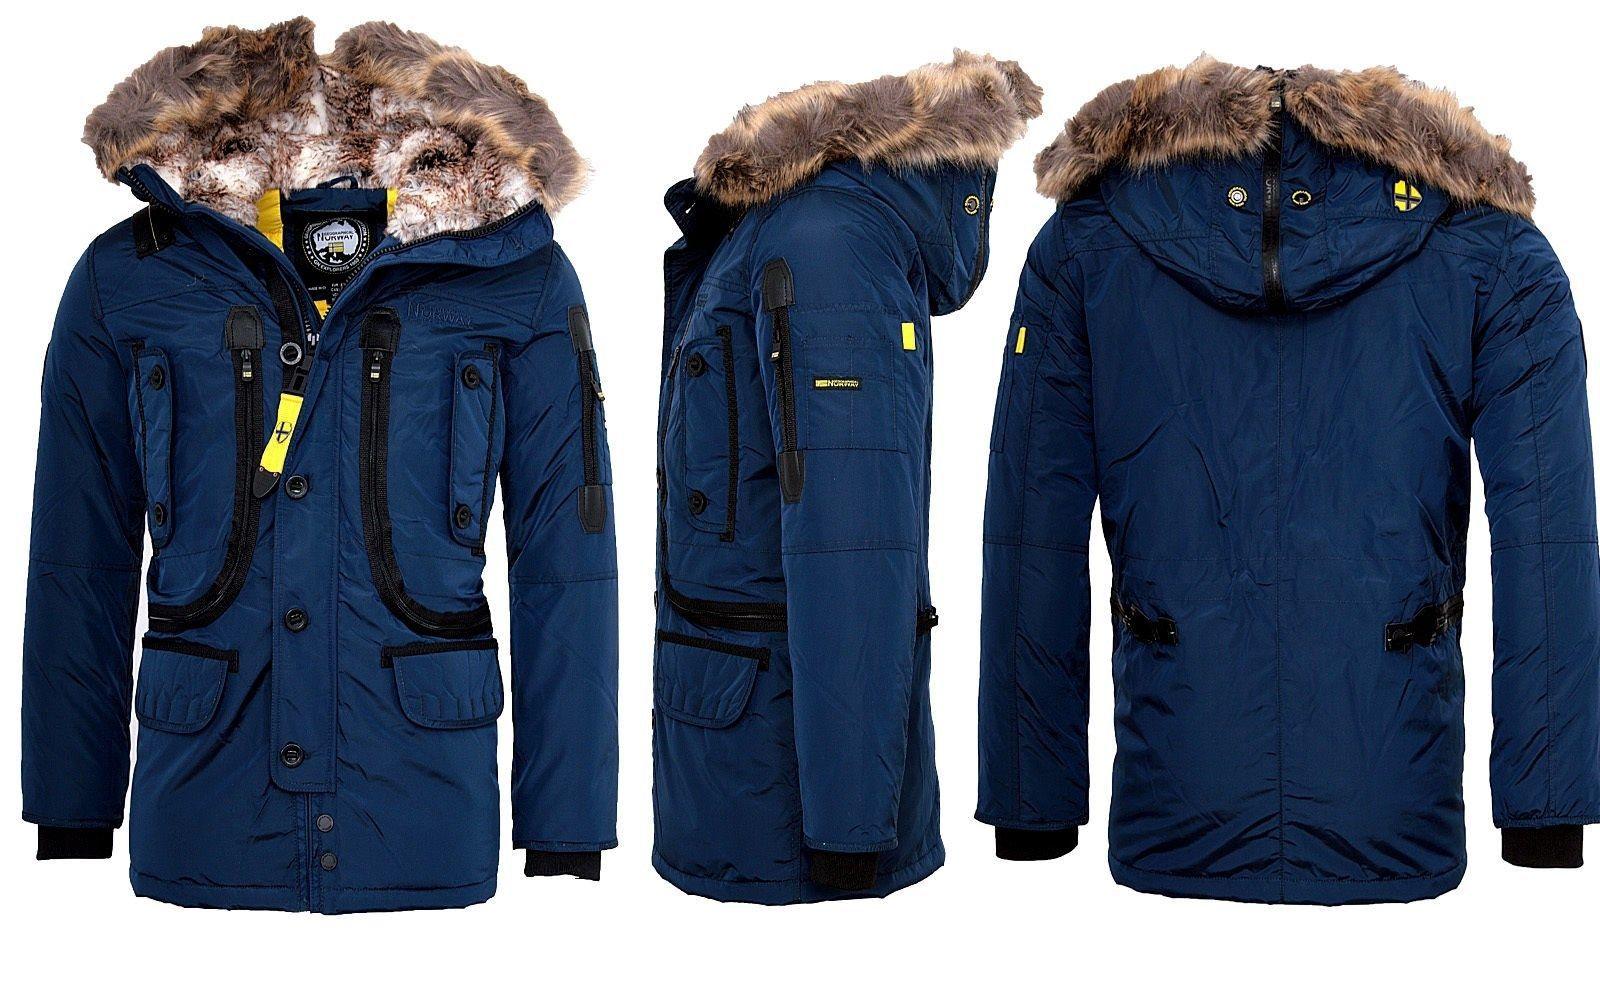 Tiefstpreis viel rabatt genießen gesamte Sammlung Geographical Norway Sehr warme Herren Winter jacke Outdoor ...